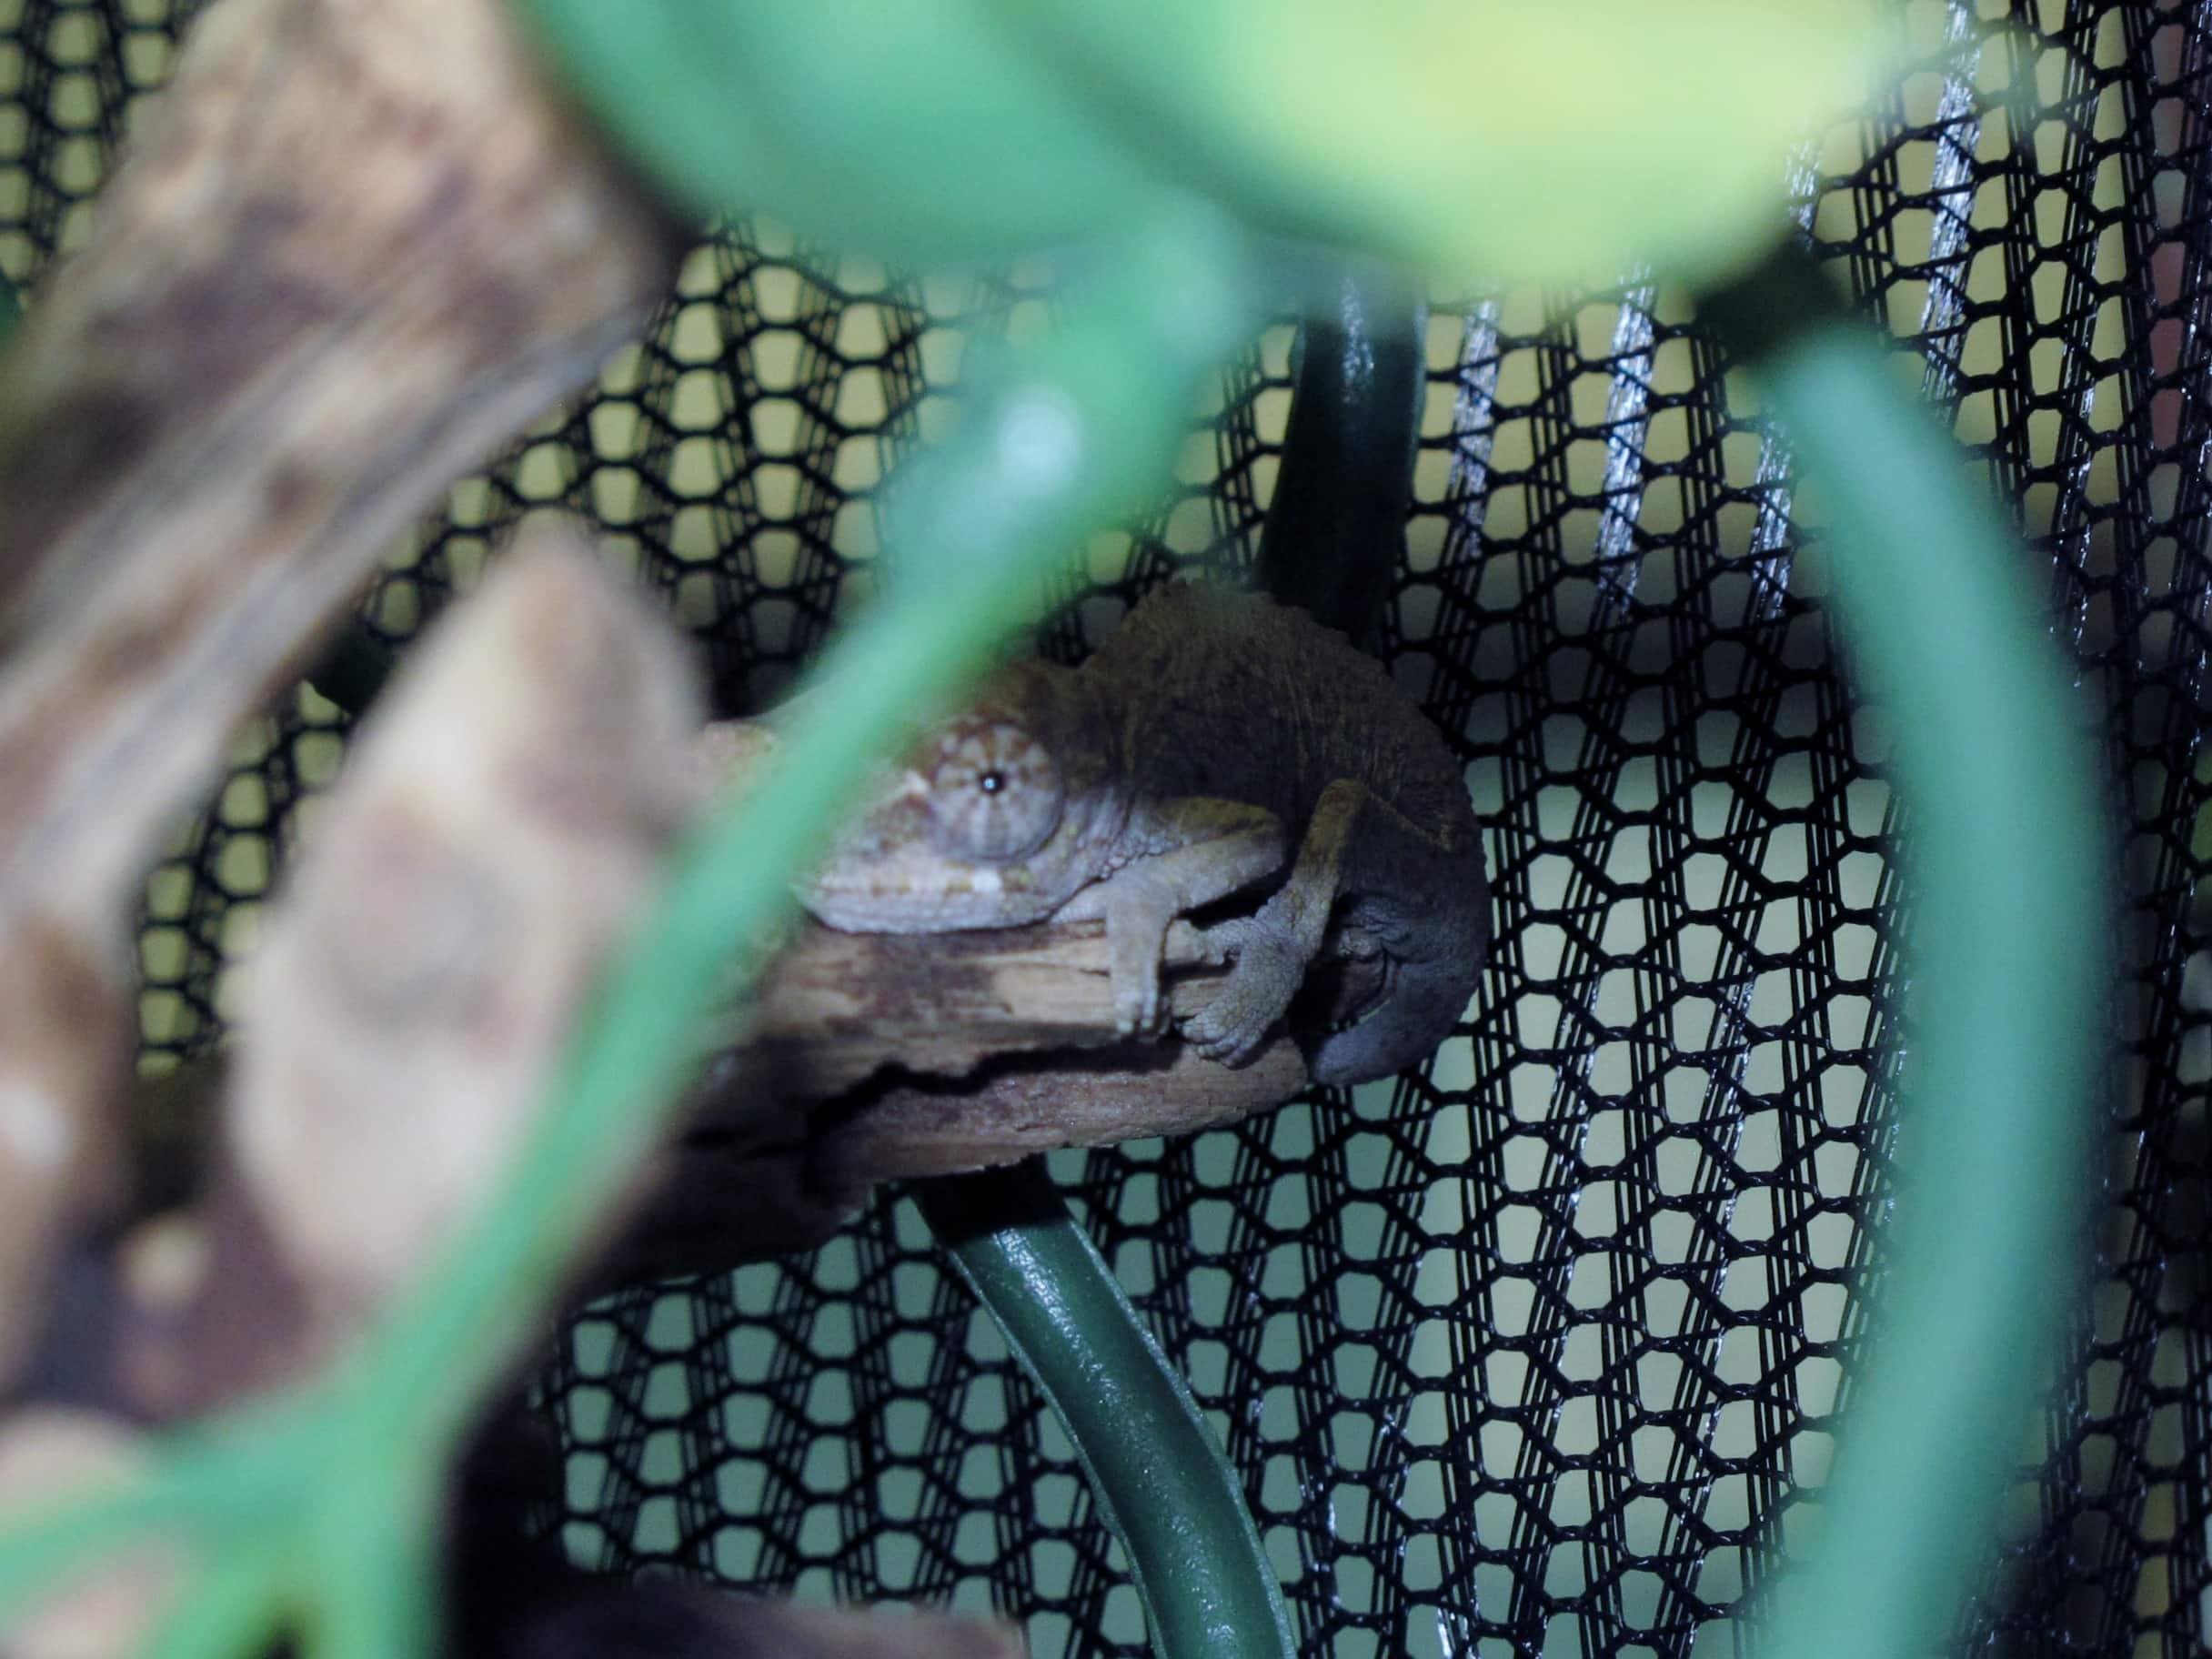 Baby Jackson's Chameleons